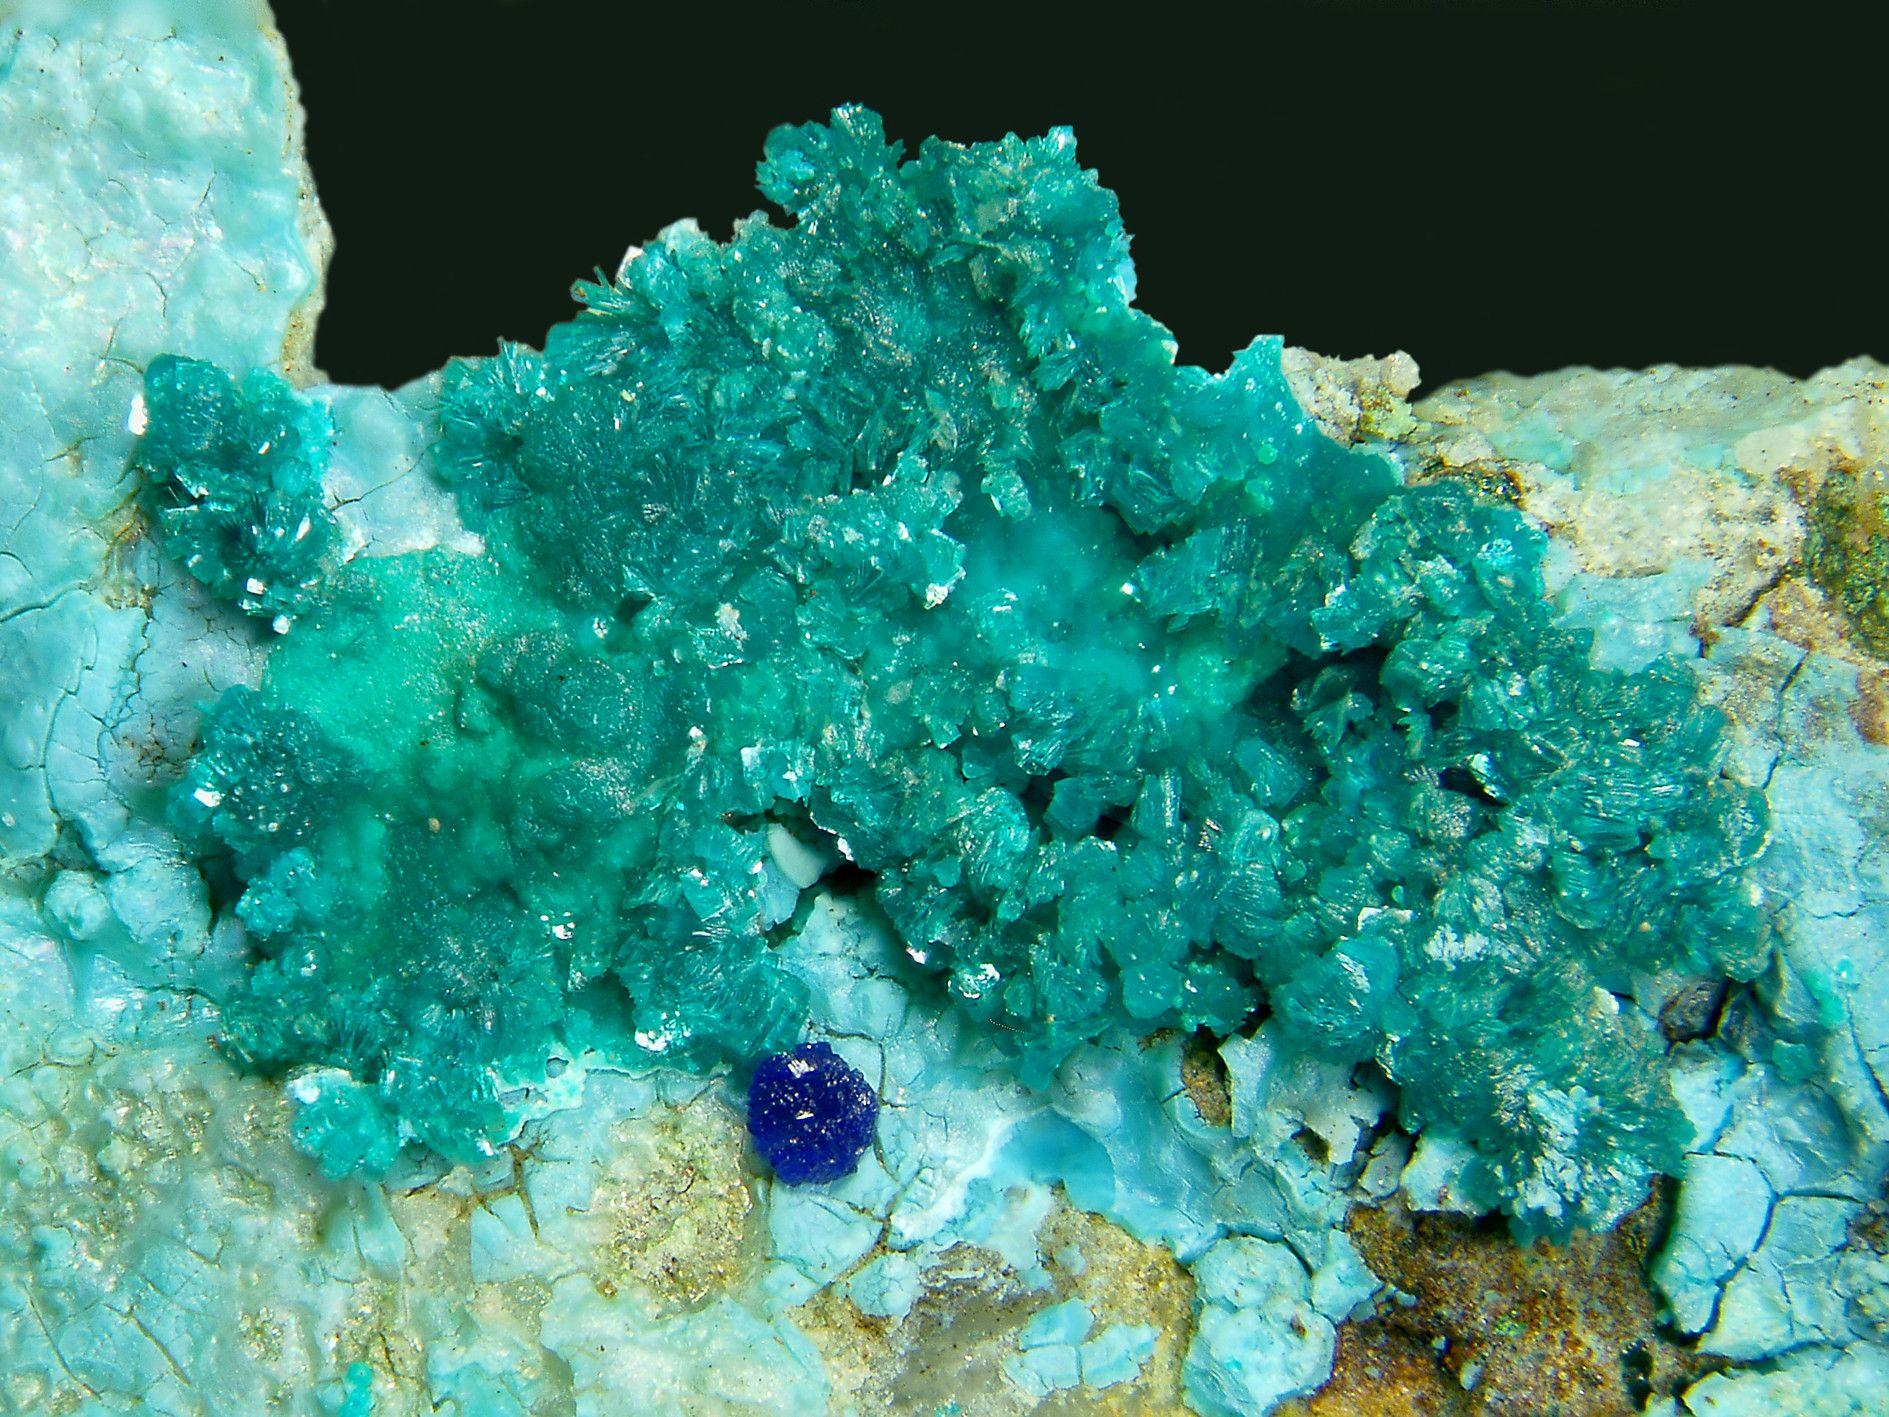 Tyrolite.  Mina de les Ferreres (level 3), Rocabruna, Camprodon, el Ripollès, Girona, Catalunya, Espagne FOV=9.5 mm. Collection et photo J.L. Garrido